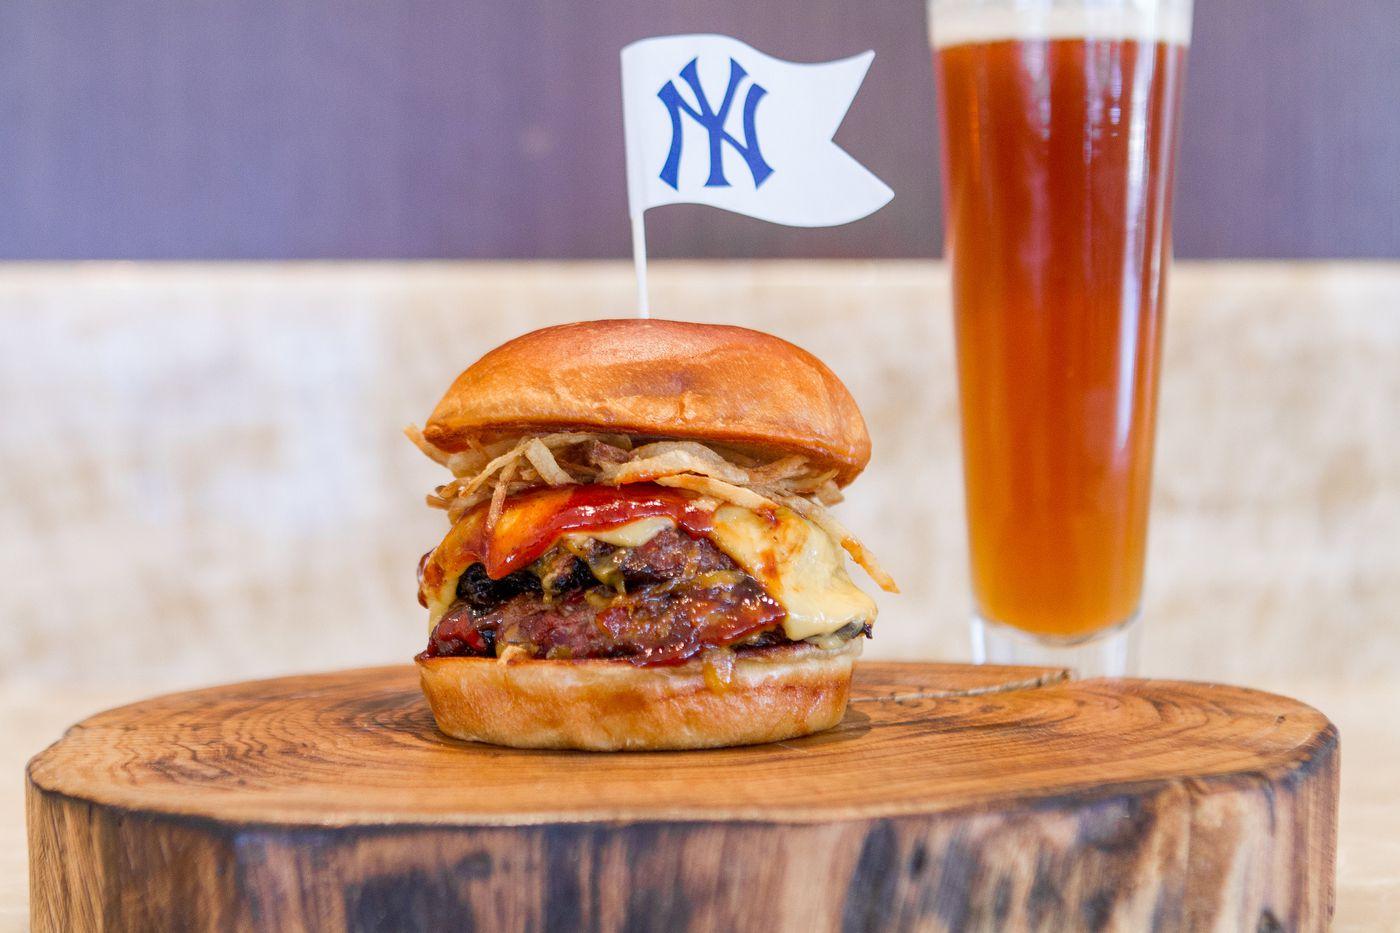 Where To Eat At Yankee Stadium 2019